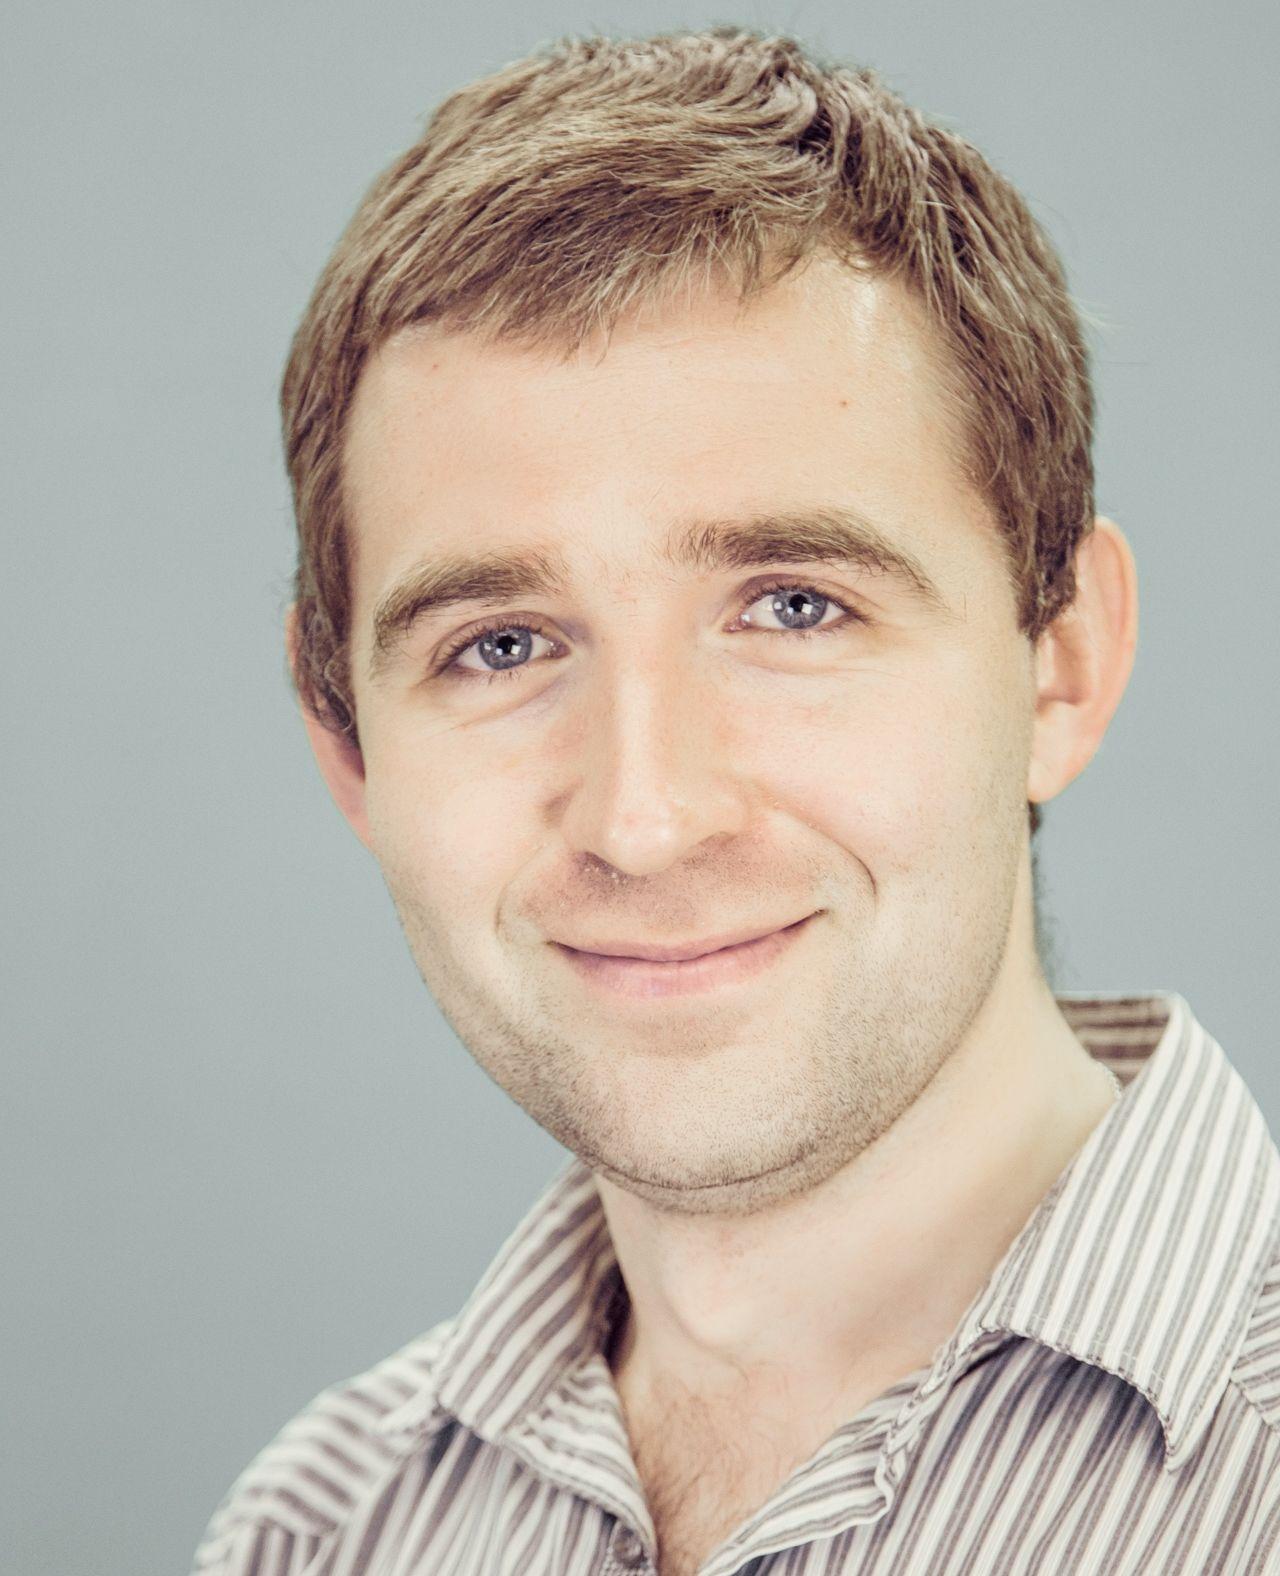 Александр Дылевский: Поддержка дает молодой семье возможность писать свой жизненный сценарий